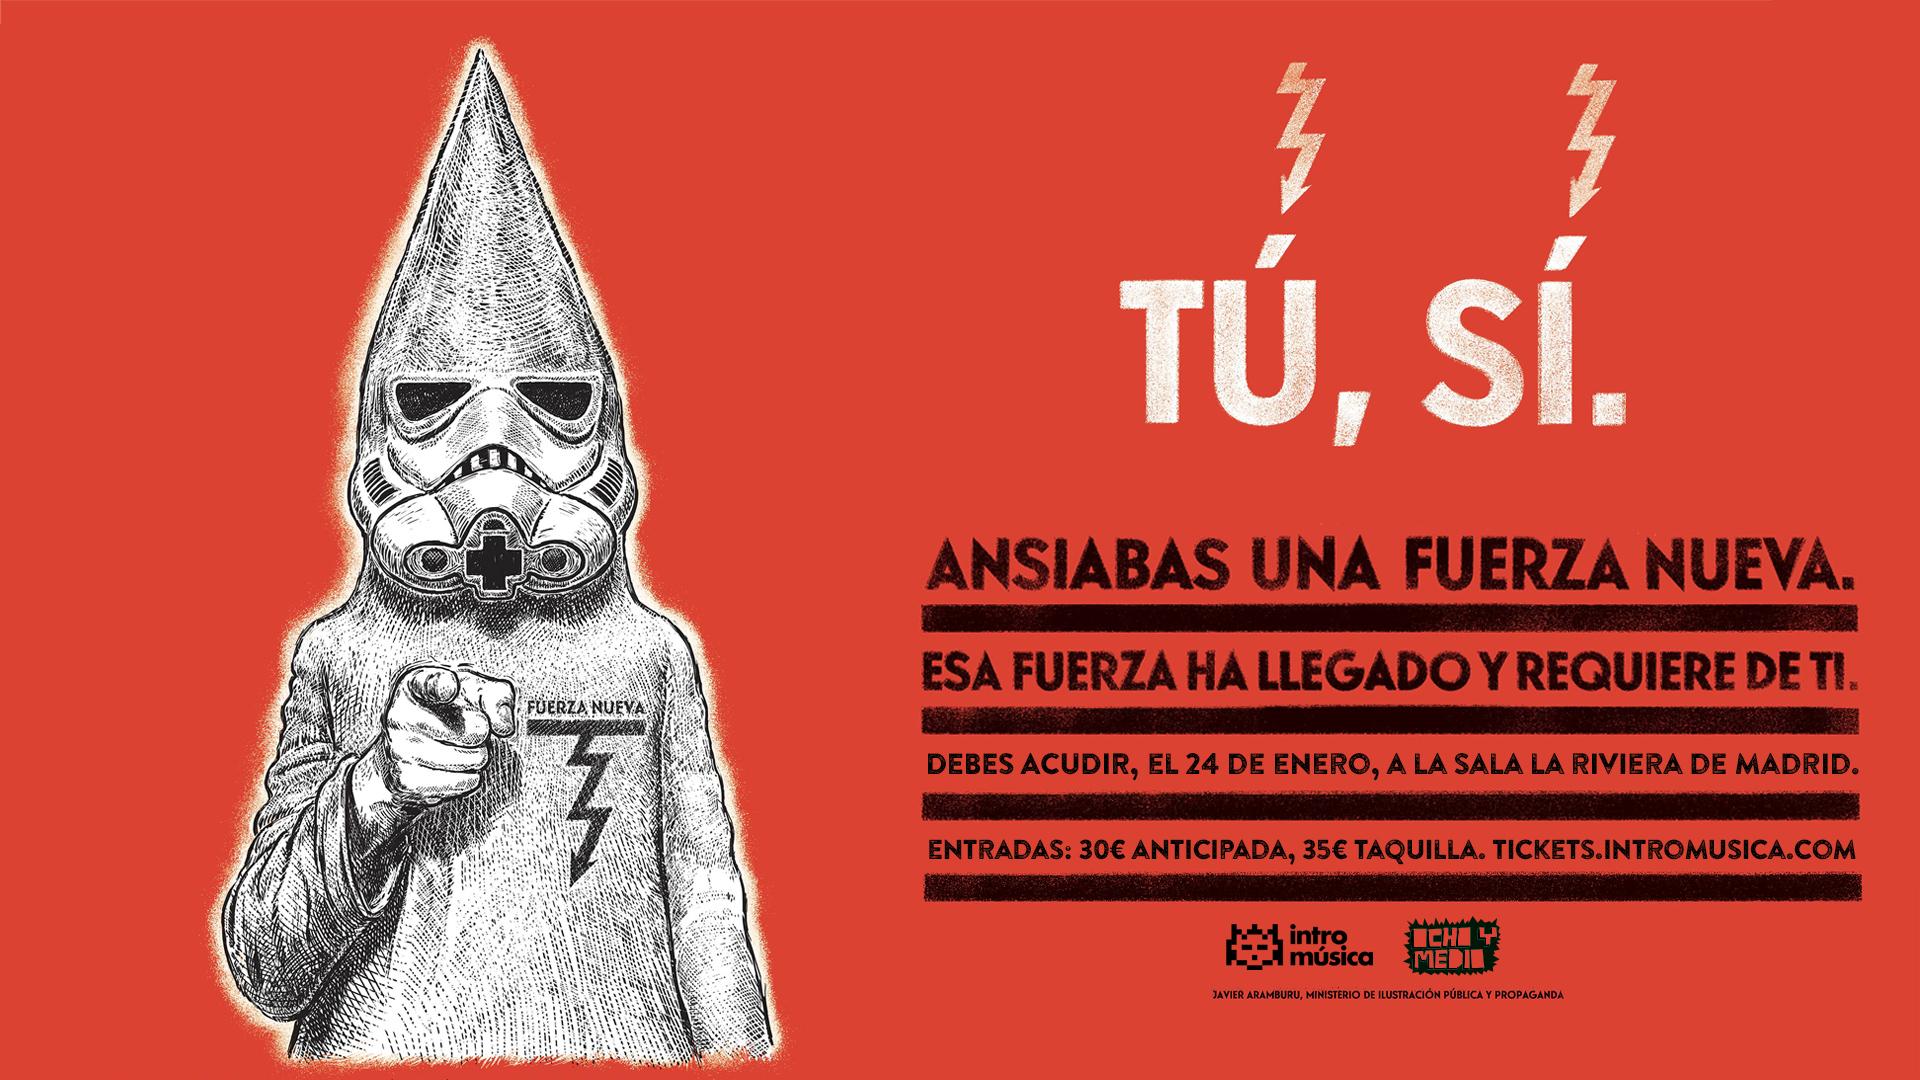 Los Planetas + Niño de Elche + Fuerza Nueva concert in Madrid